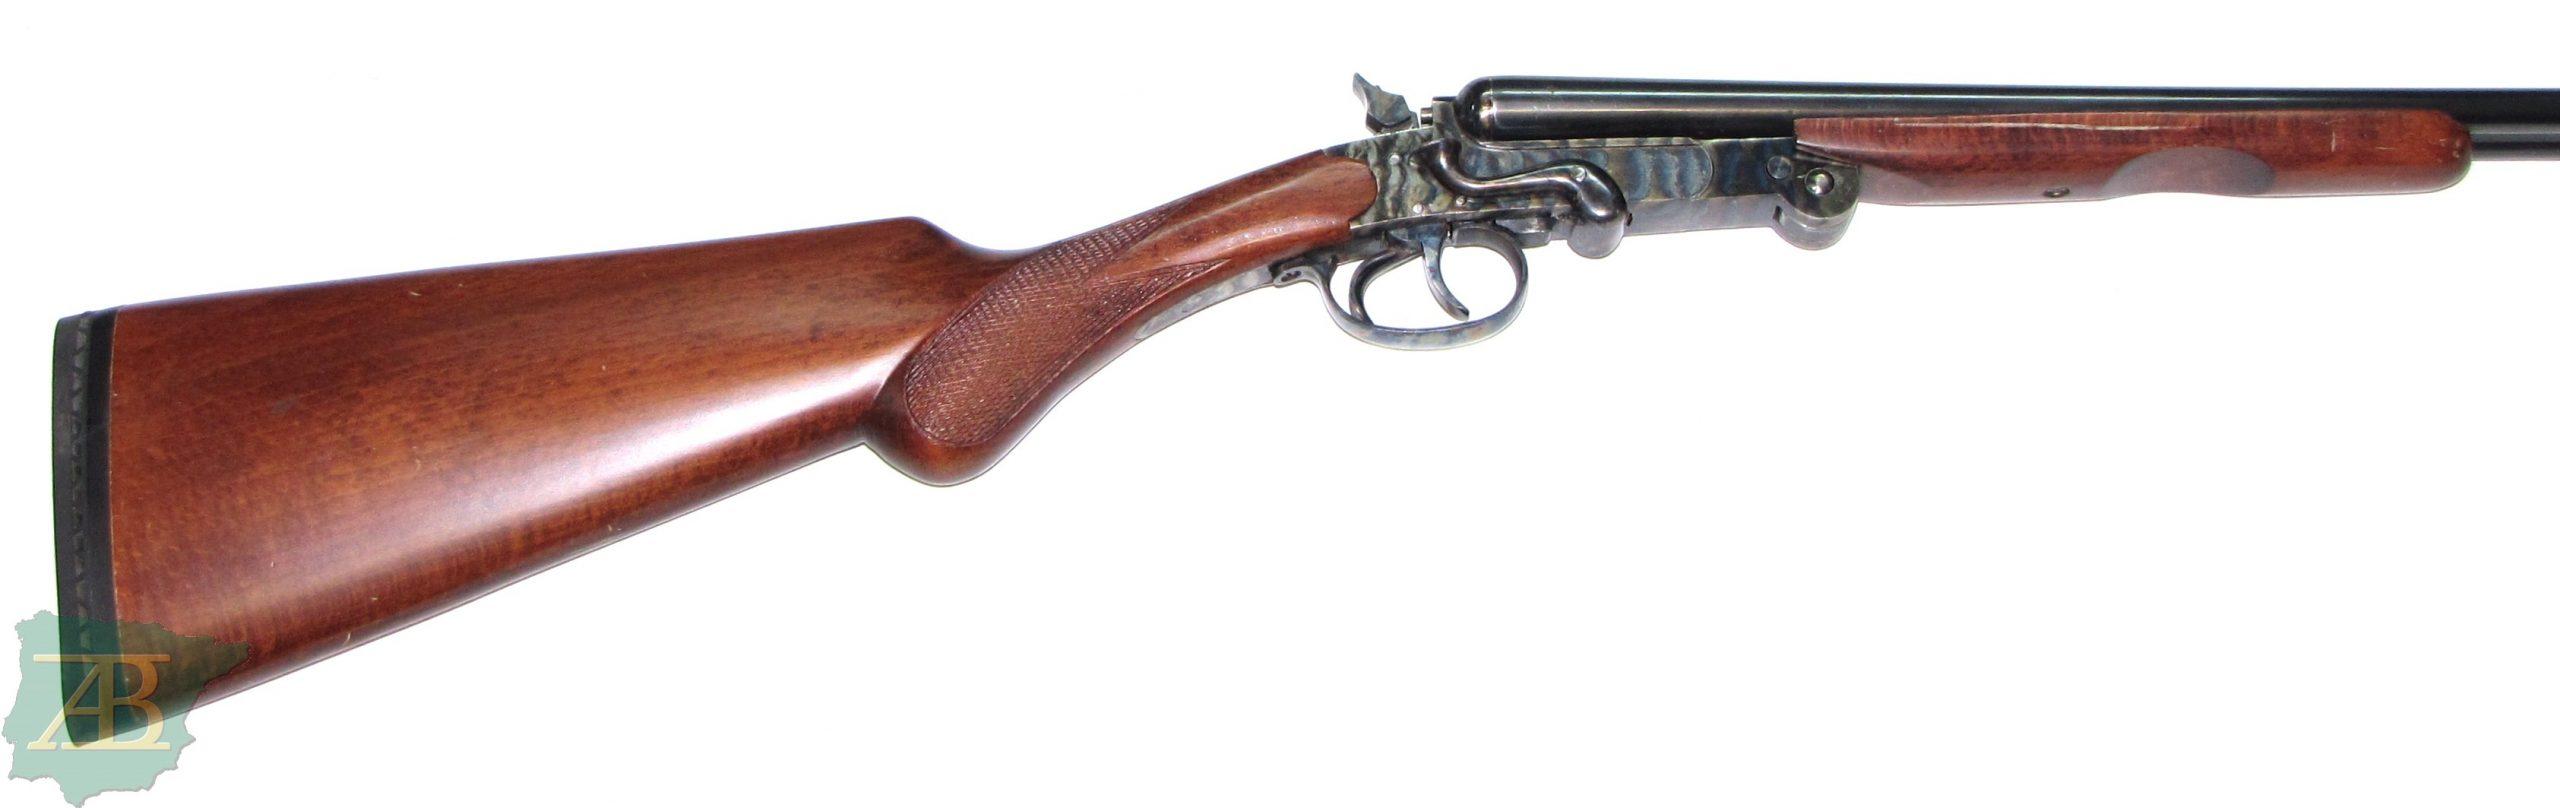 Escopeta paralela de caza de gama baja PAKEMY Ref 5607-armeriaiberica-2